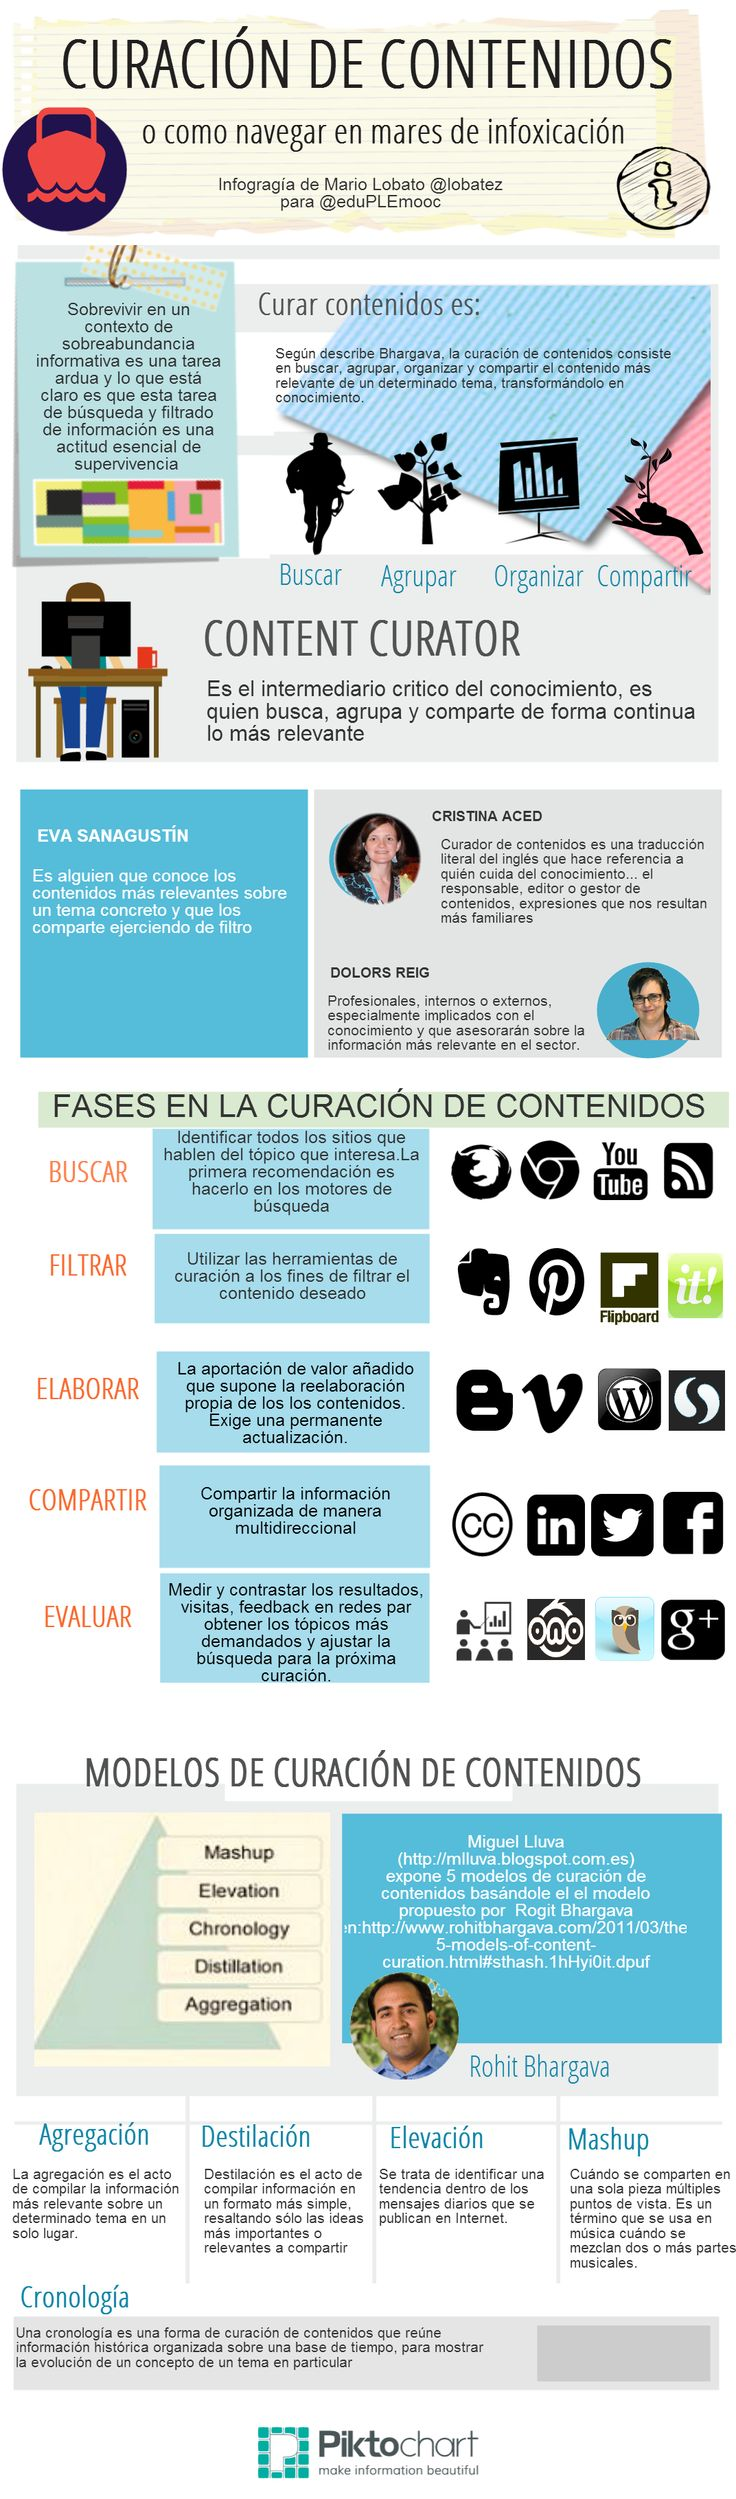 Curación de contenidos: no te ahogues en mares de infoxicación #infografia #infographic #marketing